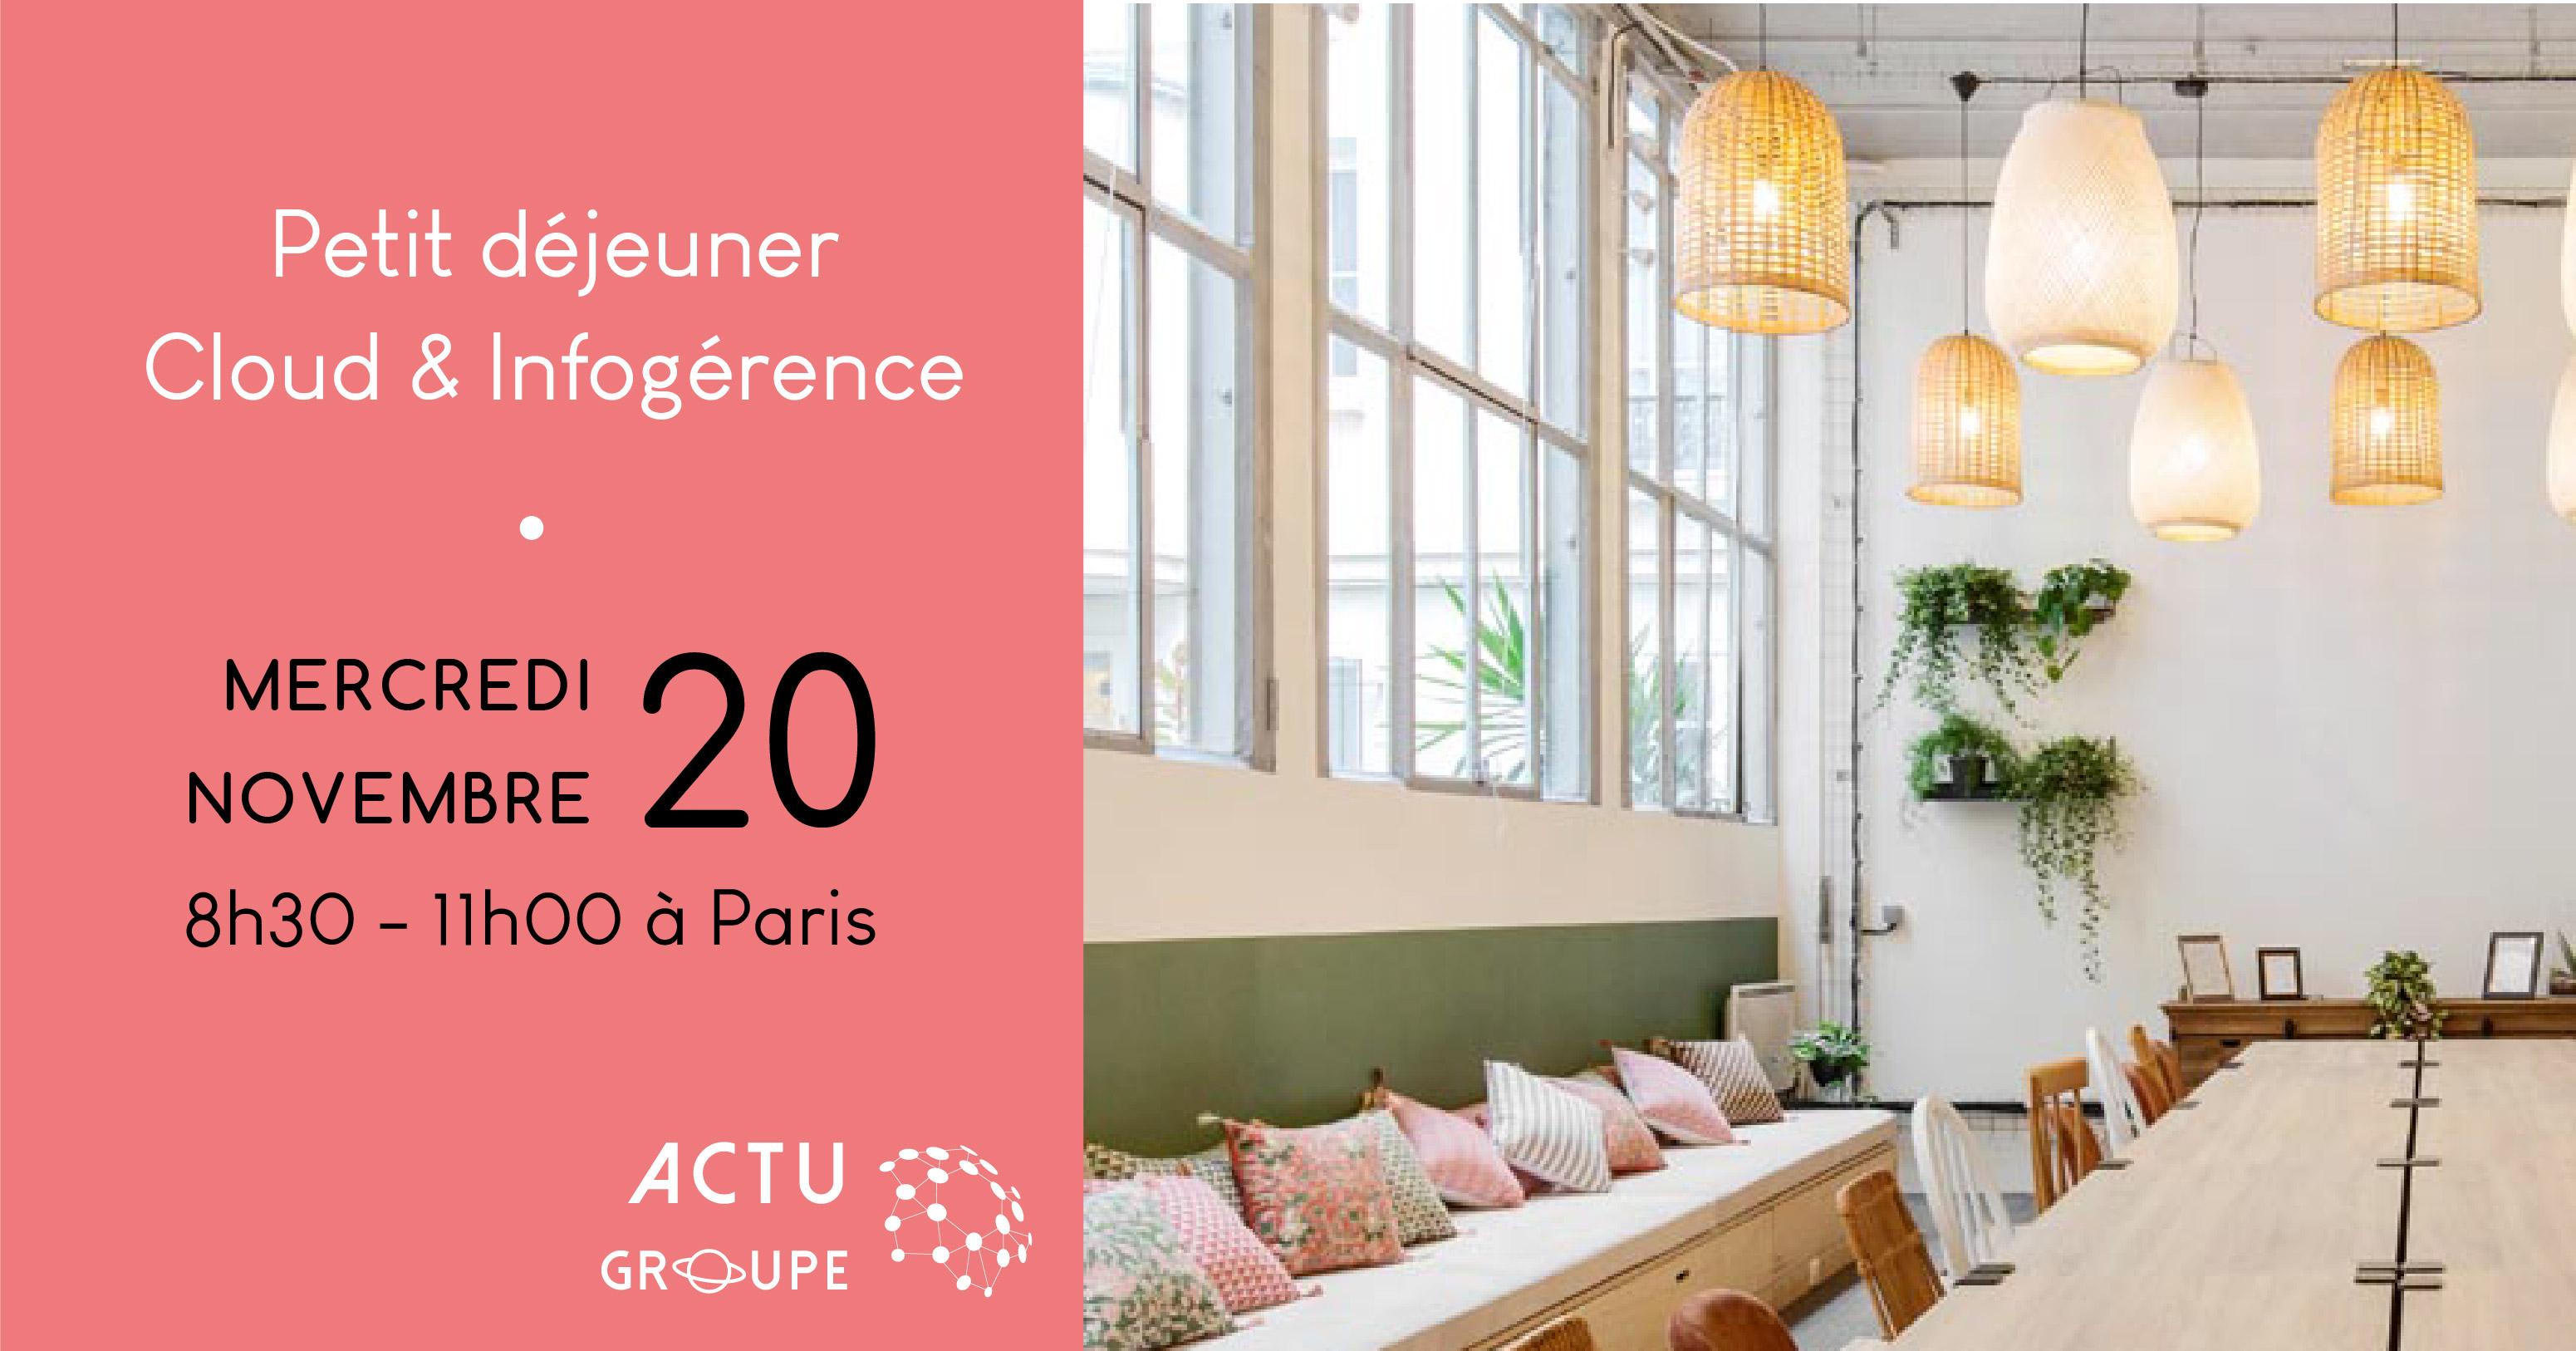 Petit déjeuner Cloud & Infogérance | Mercredi 20 novembre à Paris